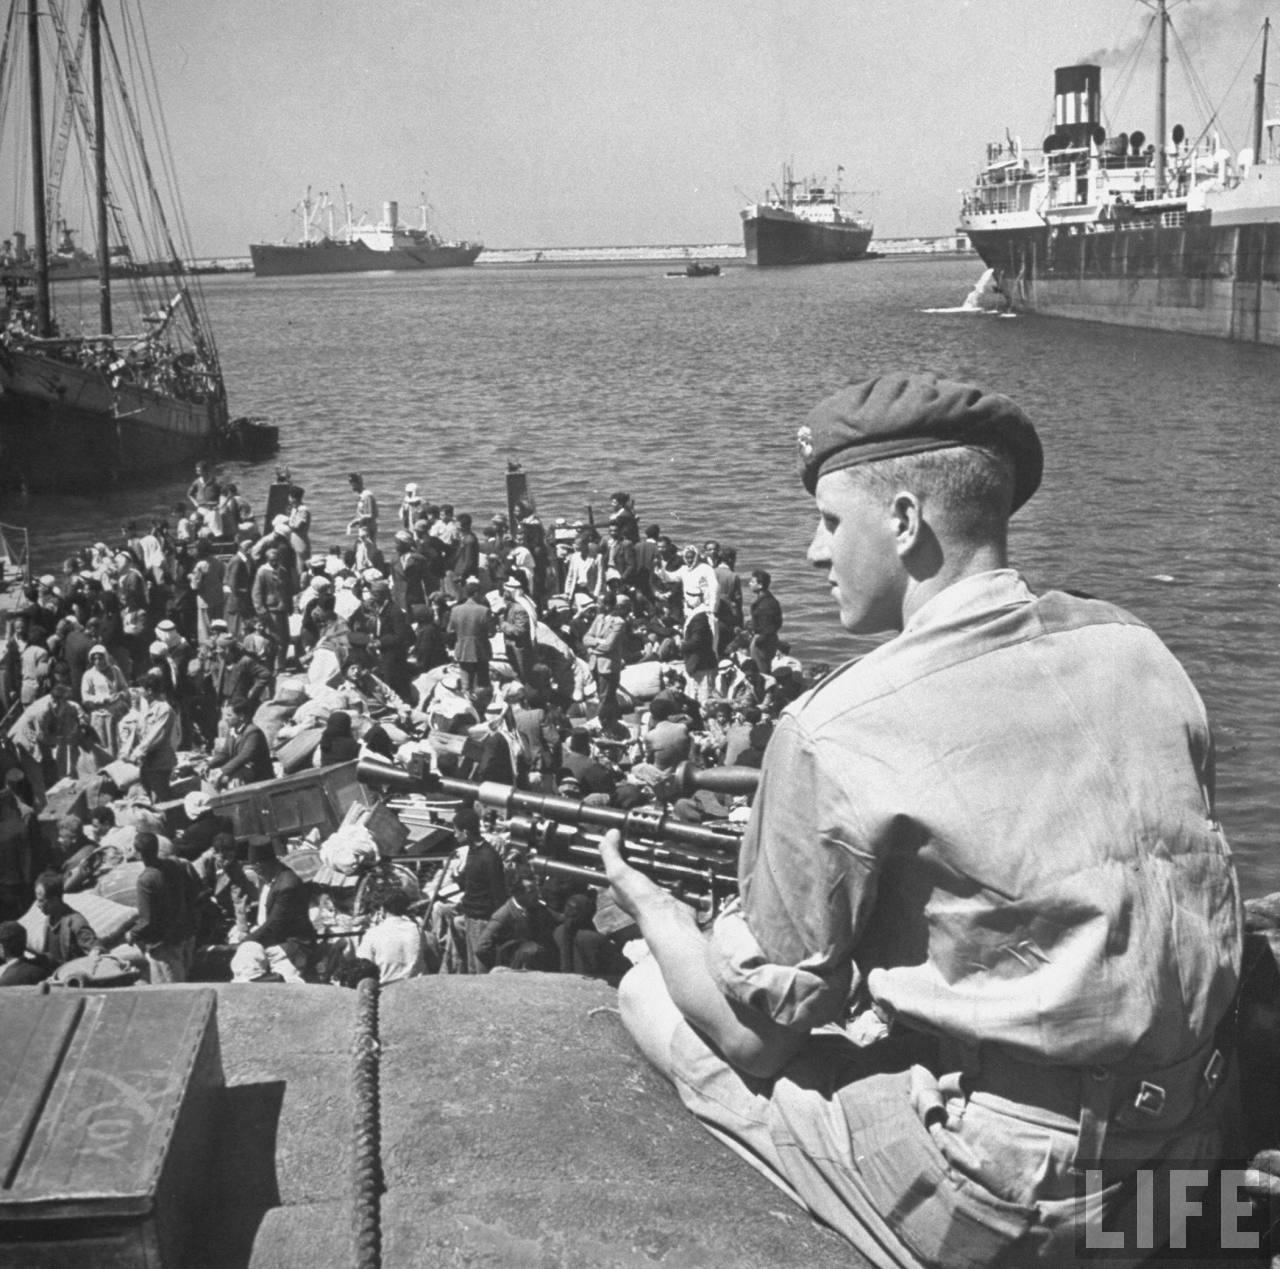 Арабские беженцы заполняют британское судно, перевозящее их в Акко. Апрель